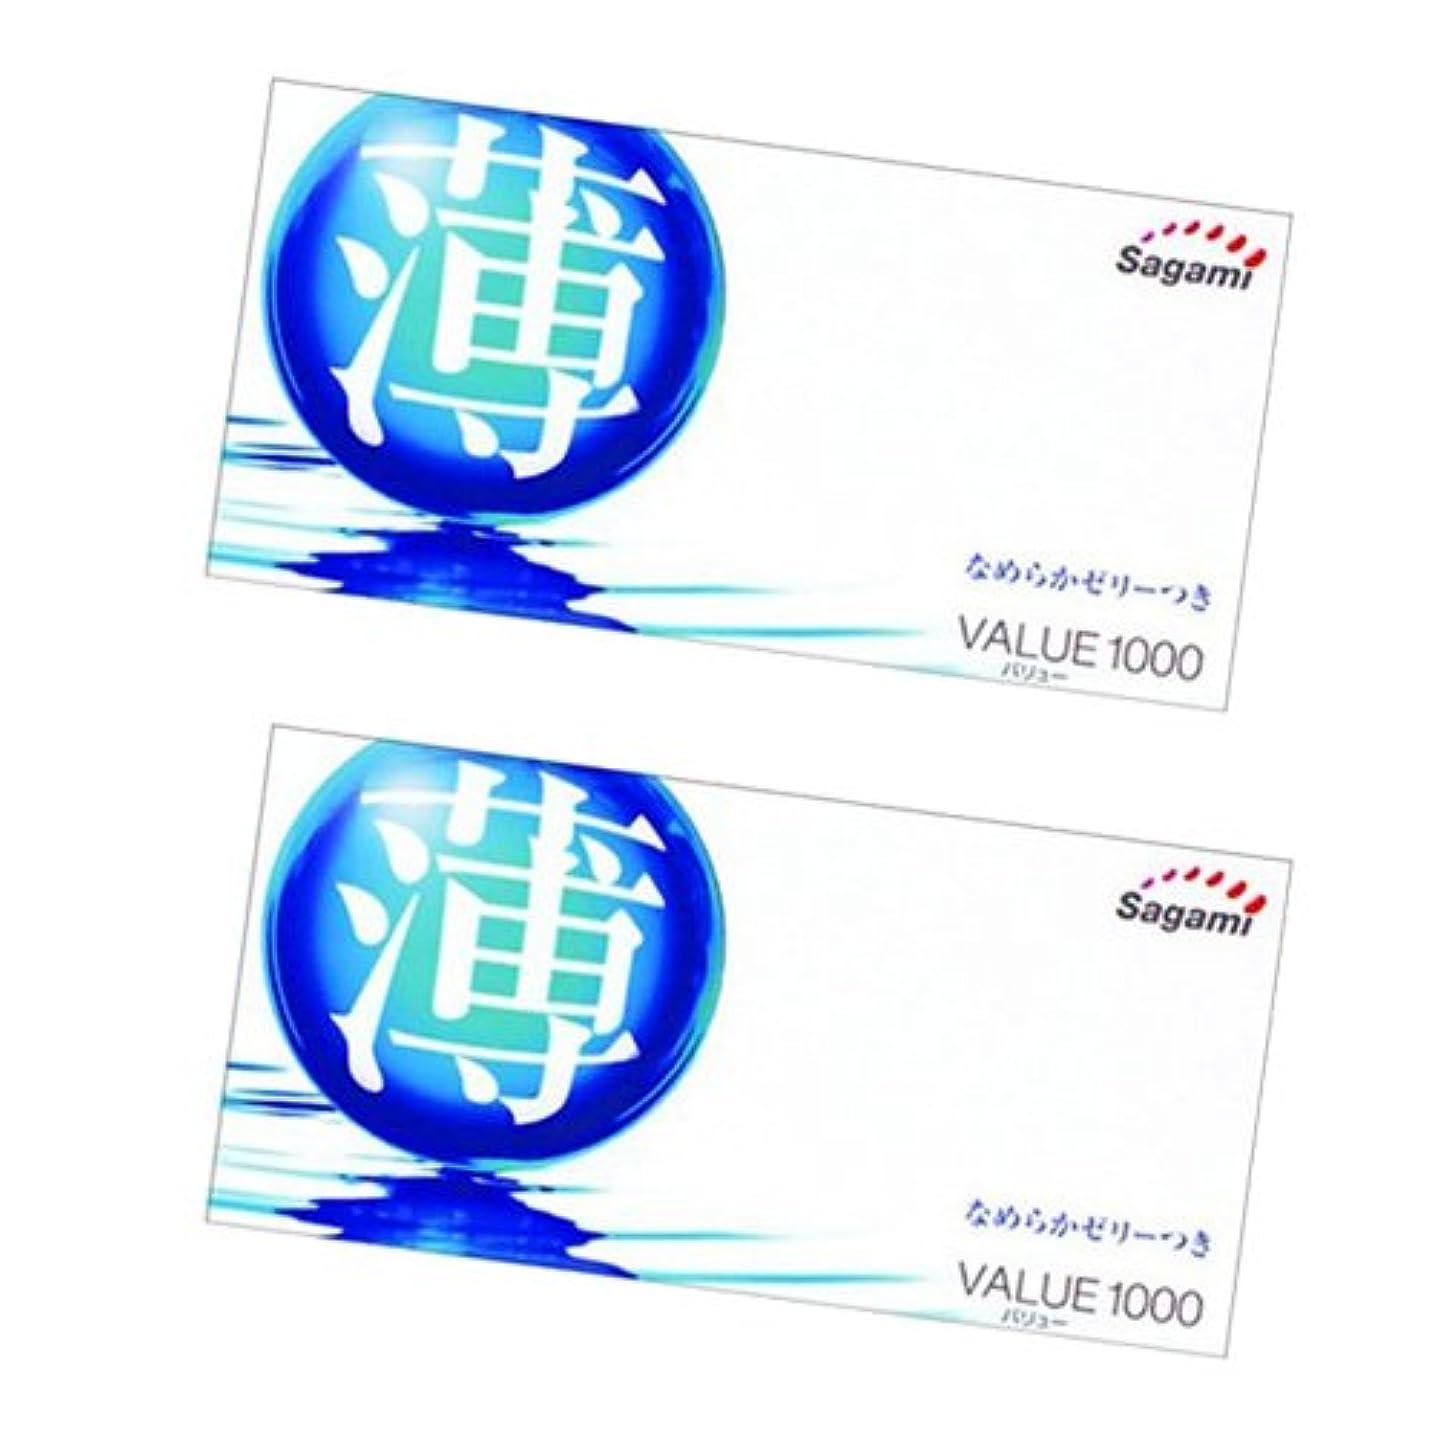 相模ゴム工業製 VALUE(バリュー) 1000 (12個入り) × 2個セット